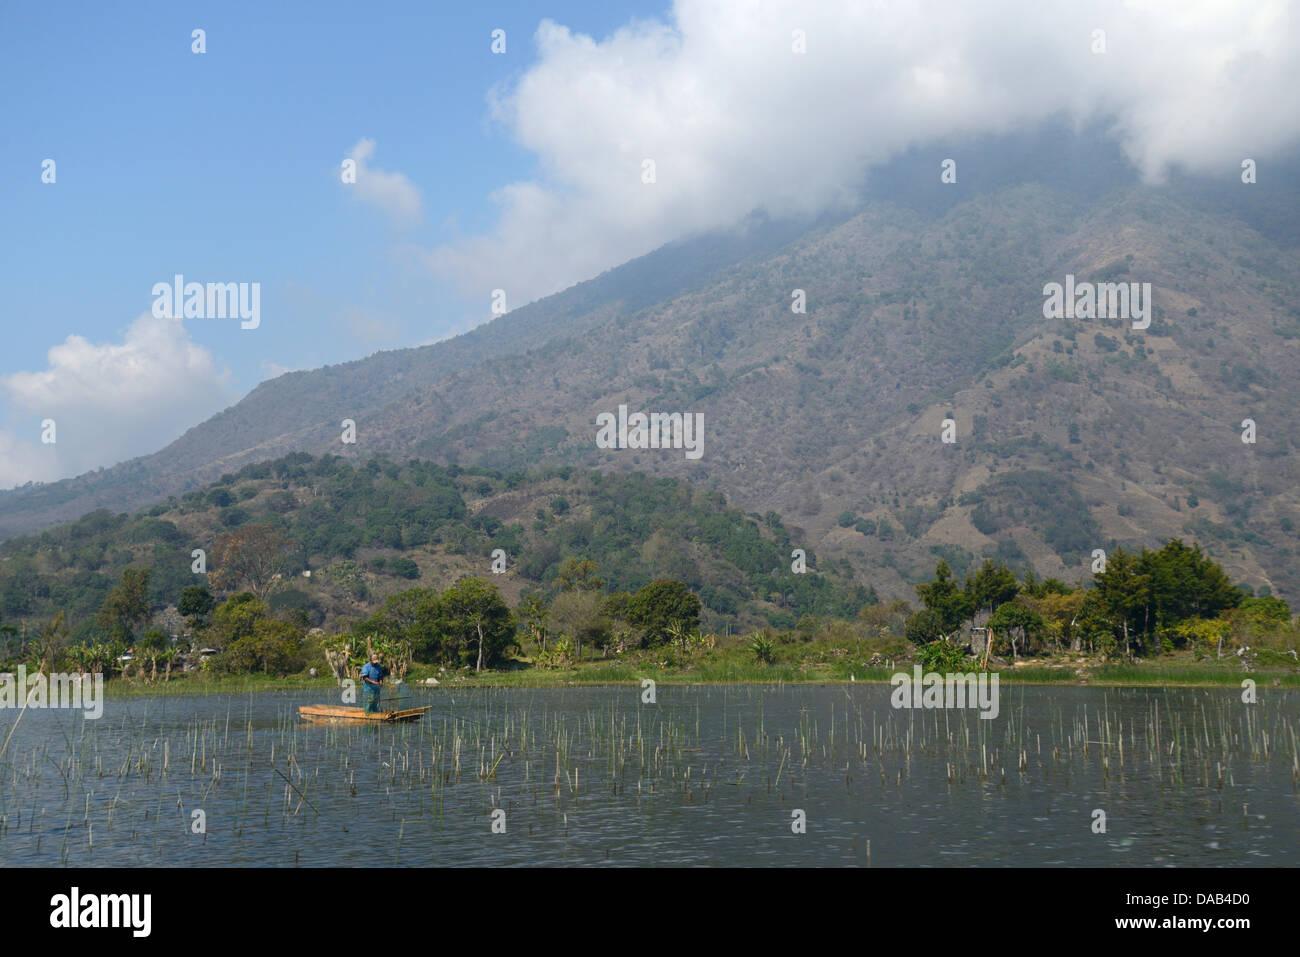 Central America, Guatemala, Lago de, Atitlan, lake, Santiago, boat, mountains, volcano, rim of fire, landscape, - Stock Image